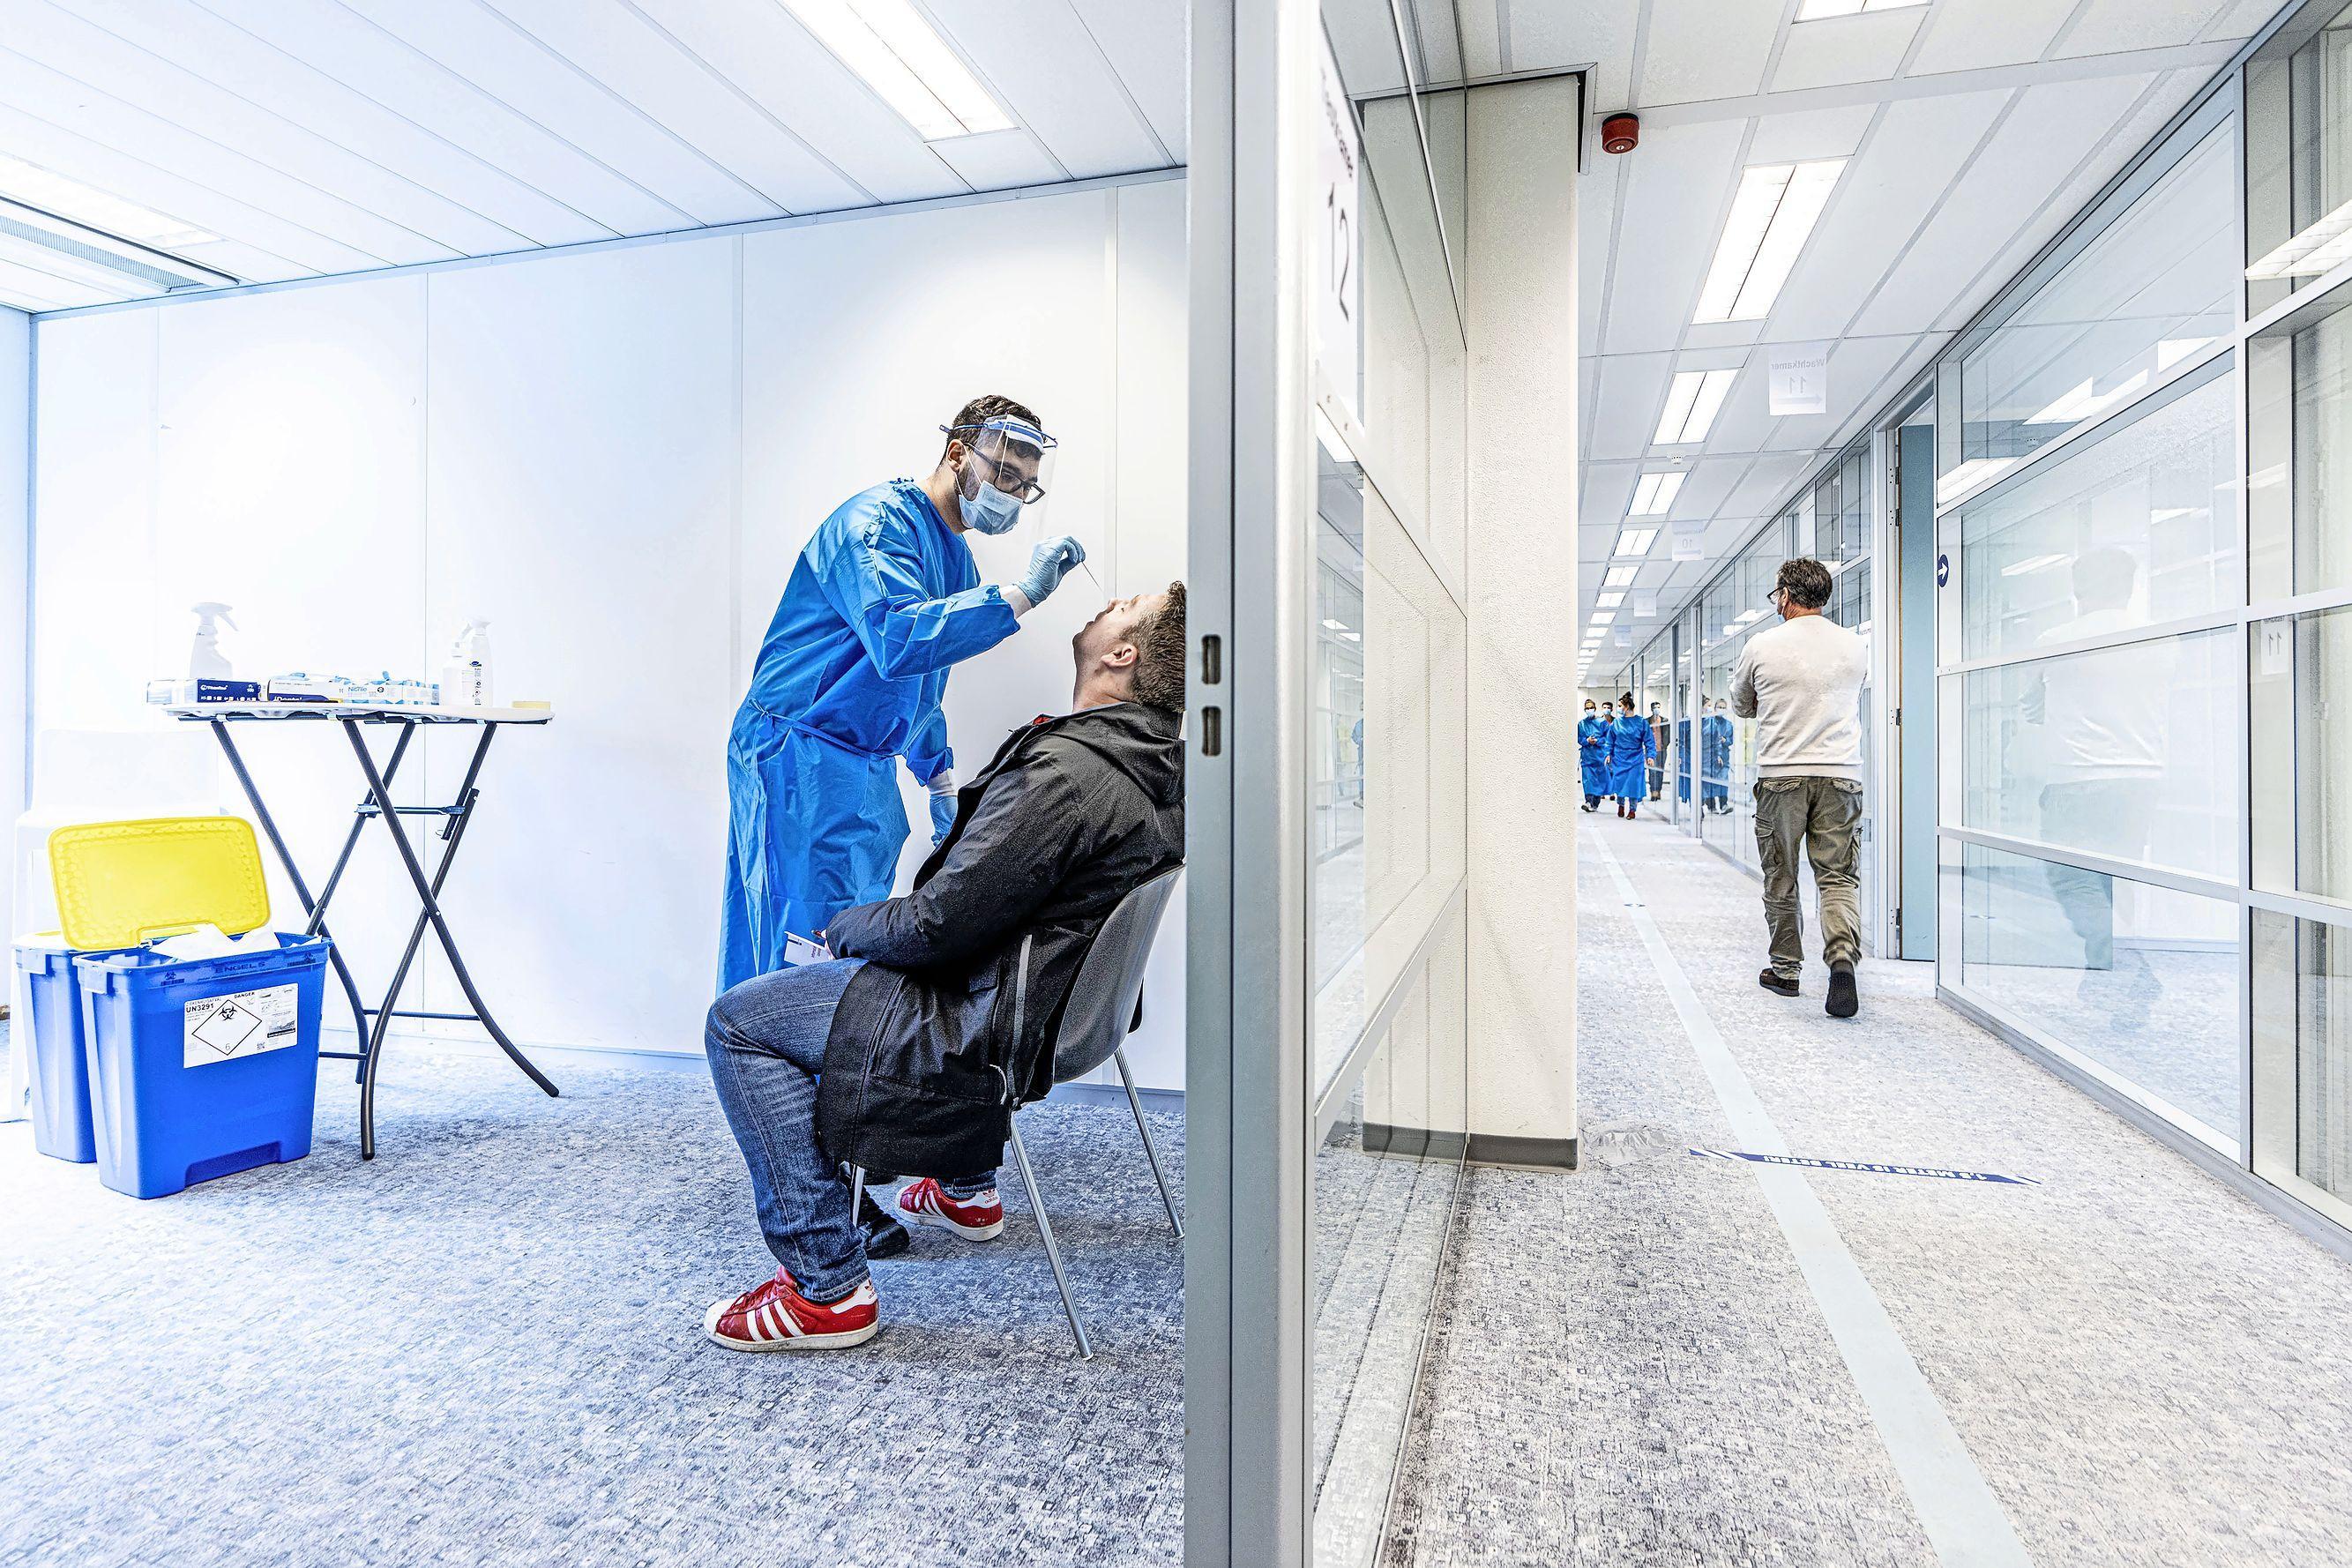 Snipverkouden Leidenaar voor een test naar Vianen? GGD Hollands Midden legt uit